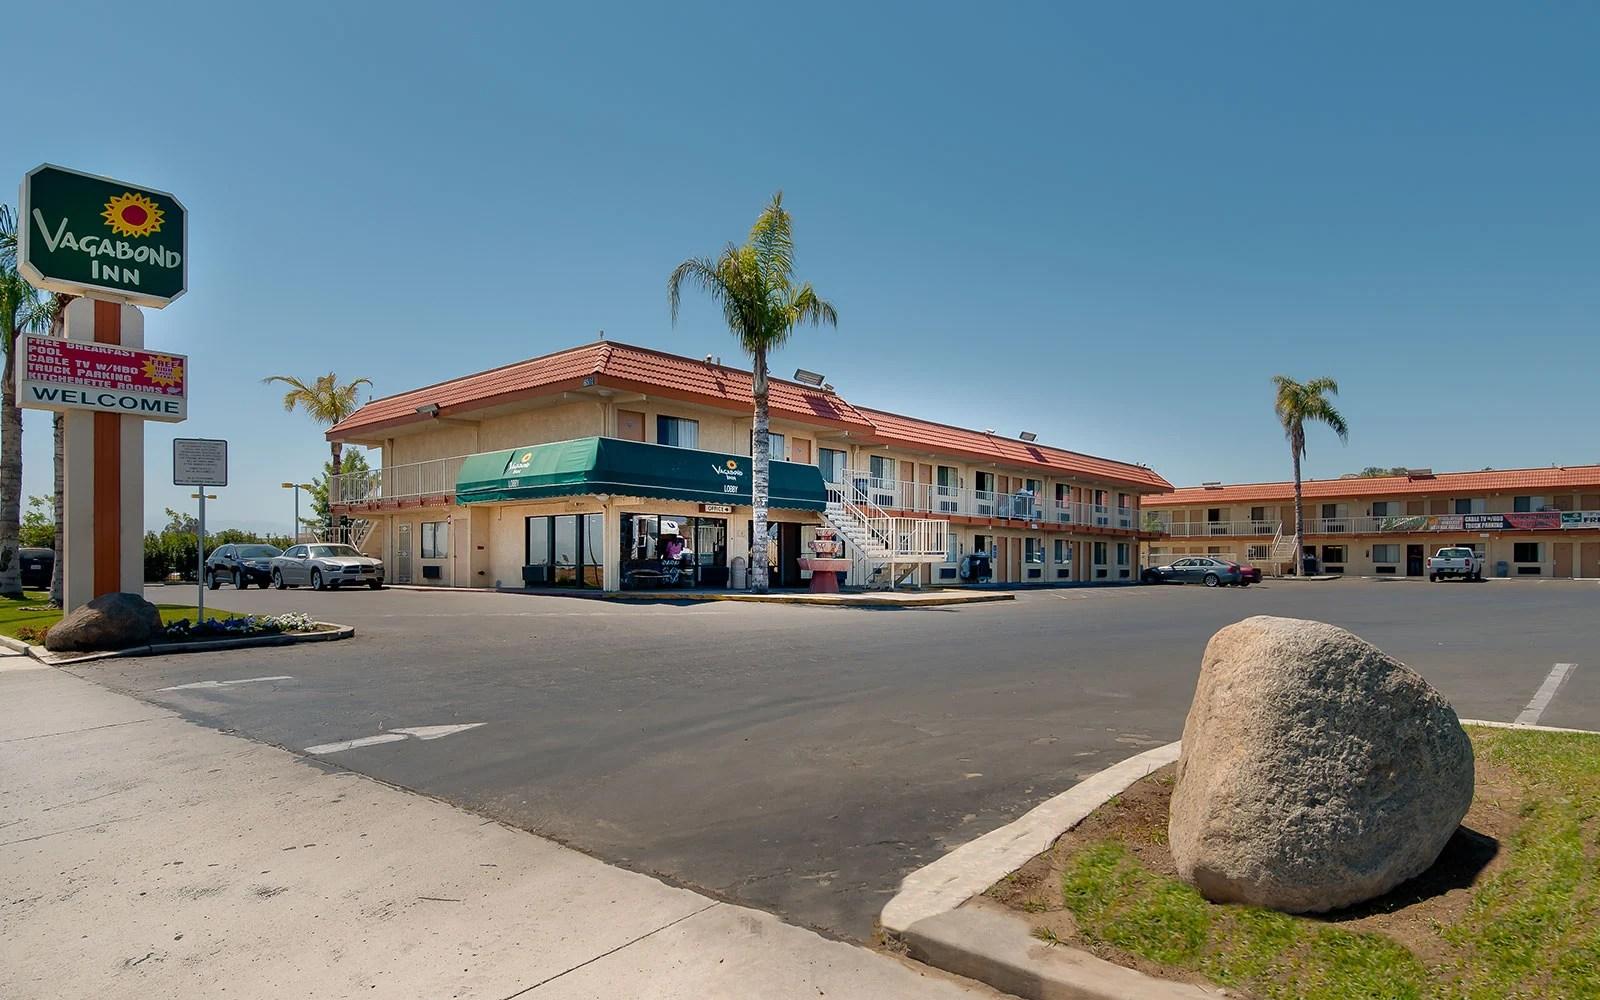 South Bakersfield Ca Hotel Vagabond Inn Bakersfield South